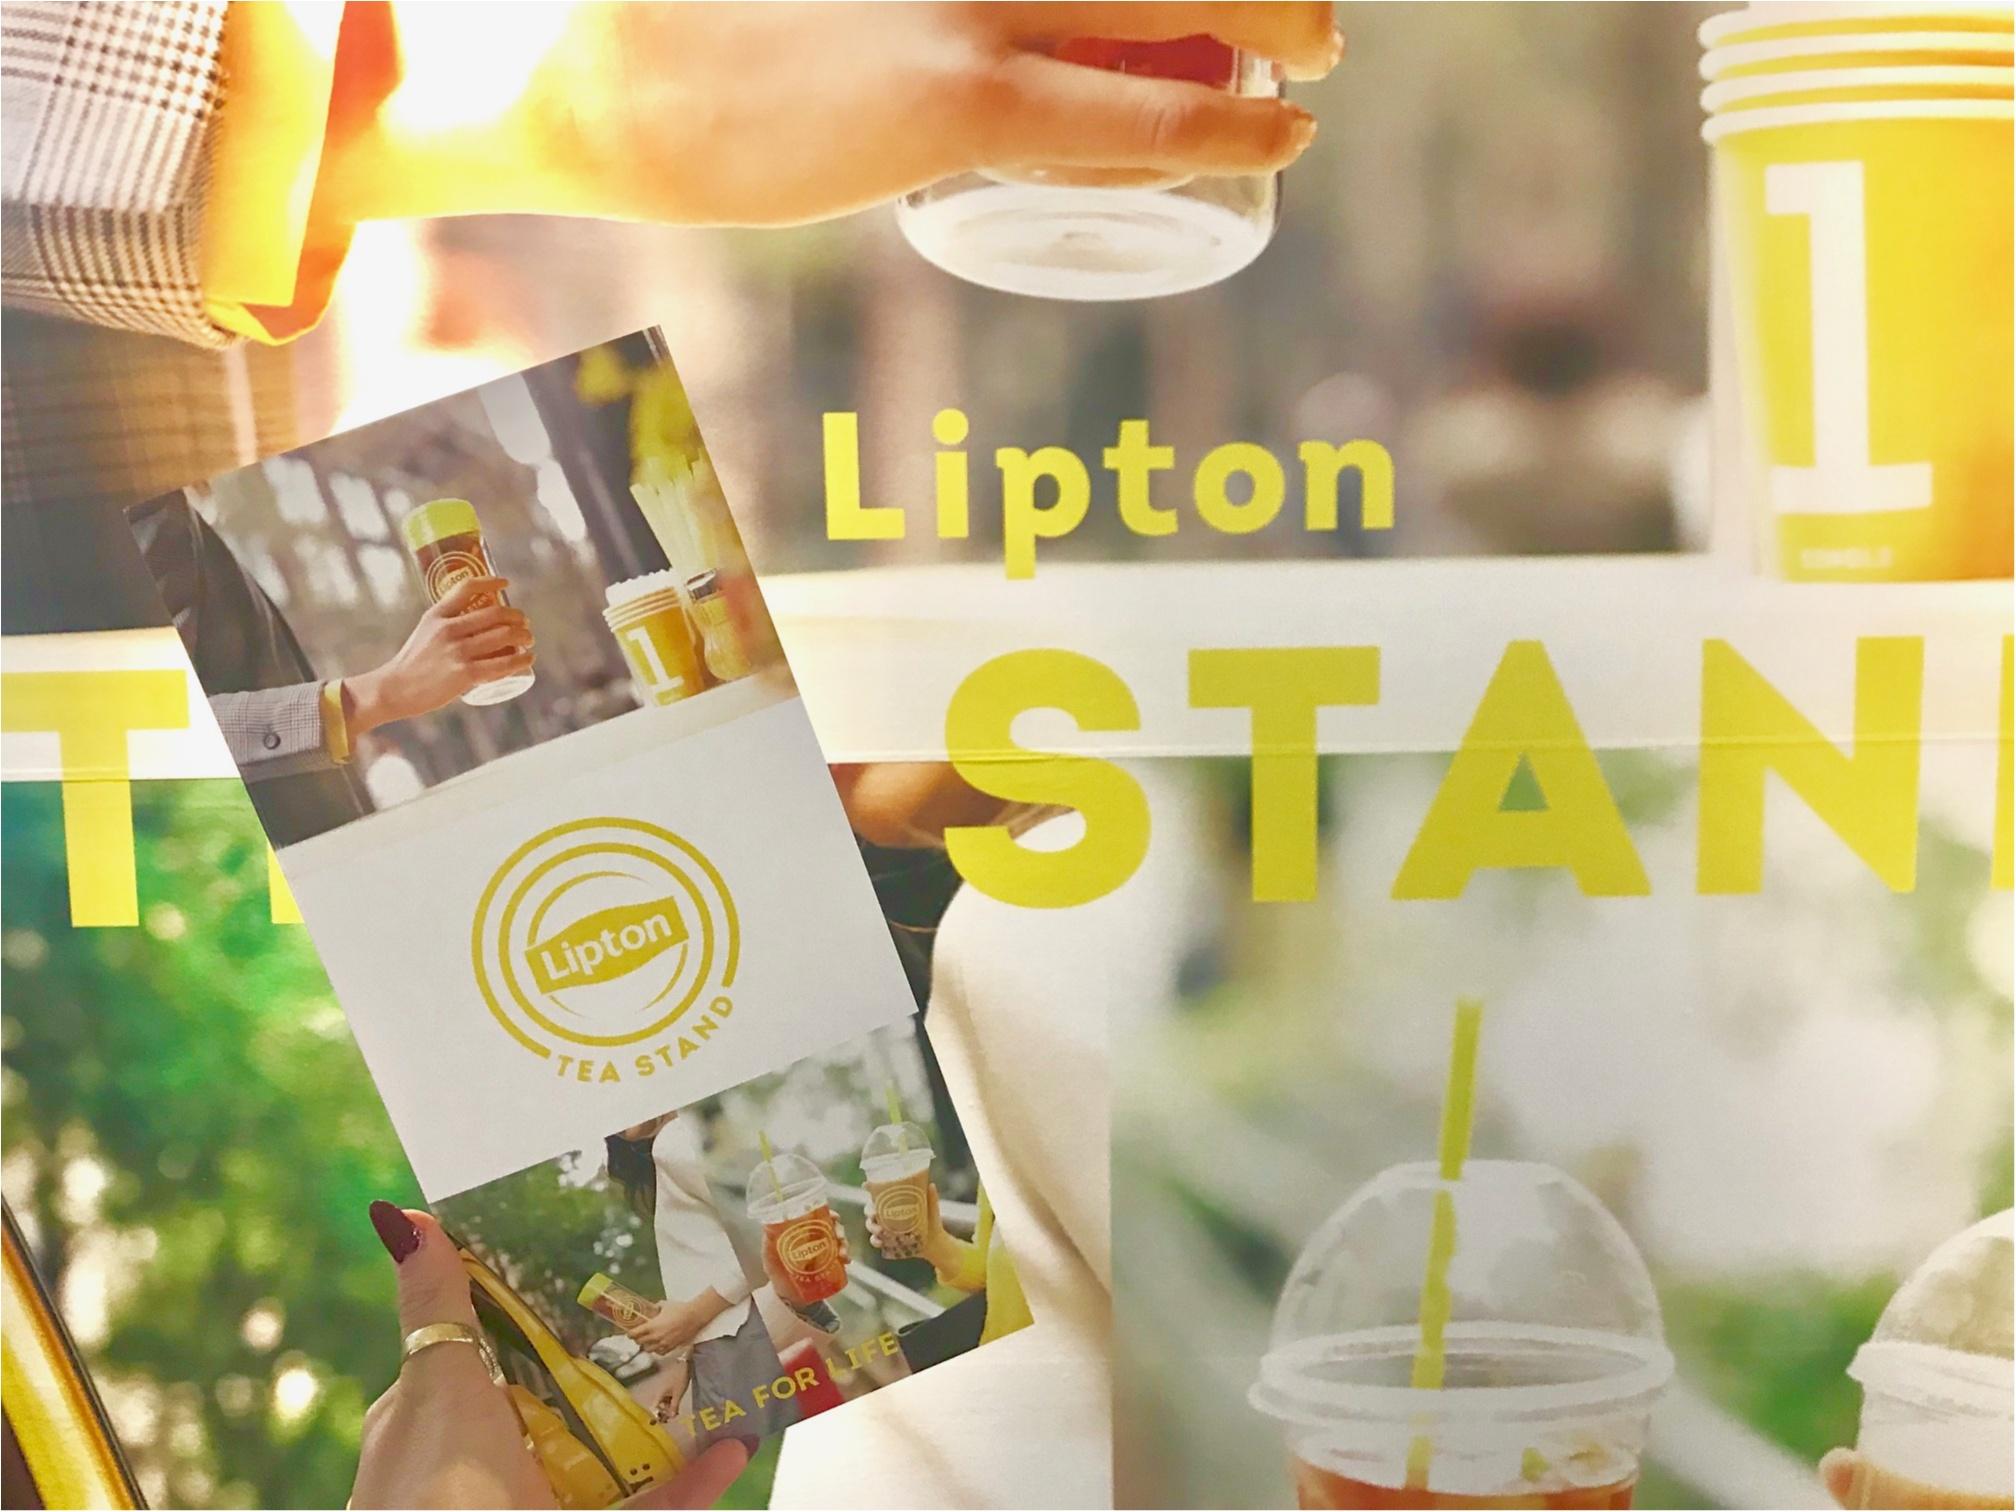 表参道・大阪で大人気のあの『リプトン』イベントがお店になった! 「Lipton Tea Stand」が、札幌北広島・名古屋・博多にオープン★_5